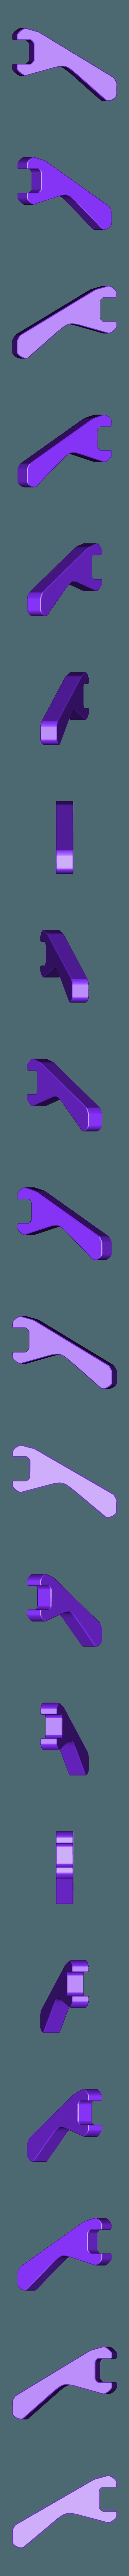 Wrench_16mm.stl Télécharger fichier STL gratuit Fidget Cube Remix • Design à imprimer en 3D, WalterHsiao